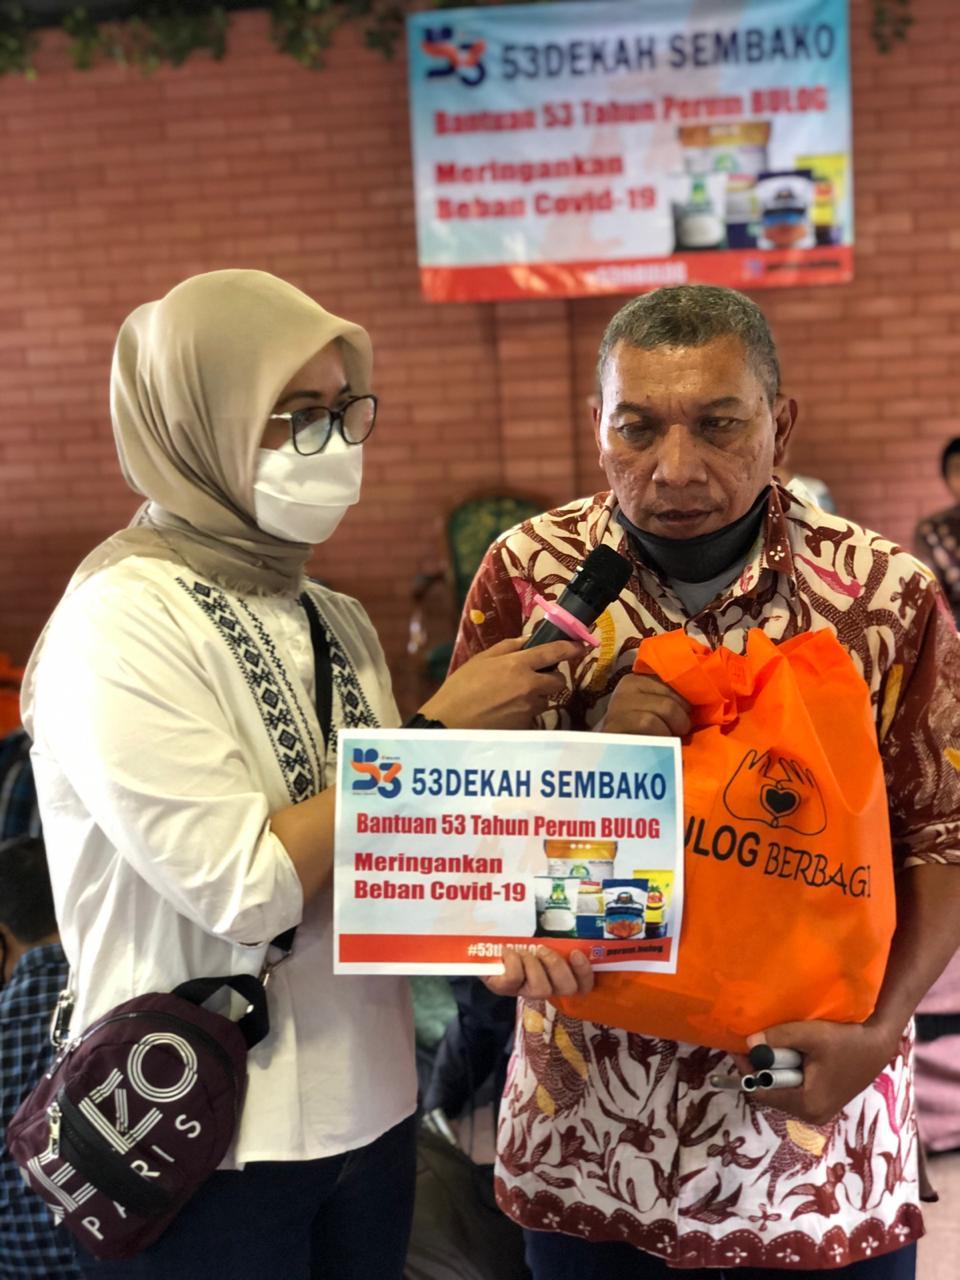 Milad ke 53, Bulog Gandeng Binaul Ummah Santuni Ratusan Tunanetra dan Pekerja Informal BEKASIMEDIA.COM | MEDIA BEKASI SEJAK 2014